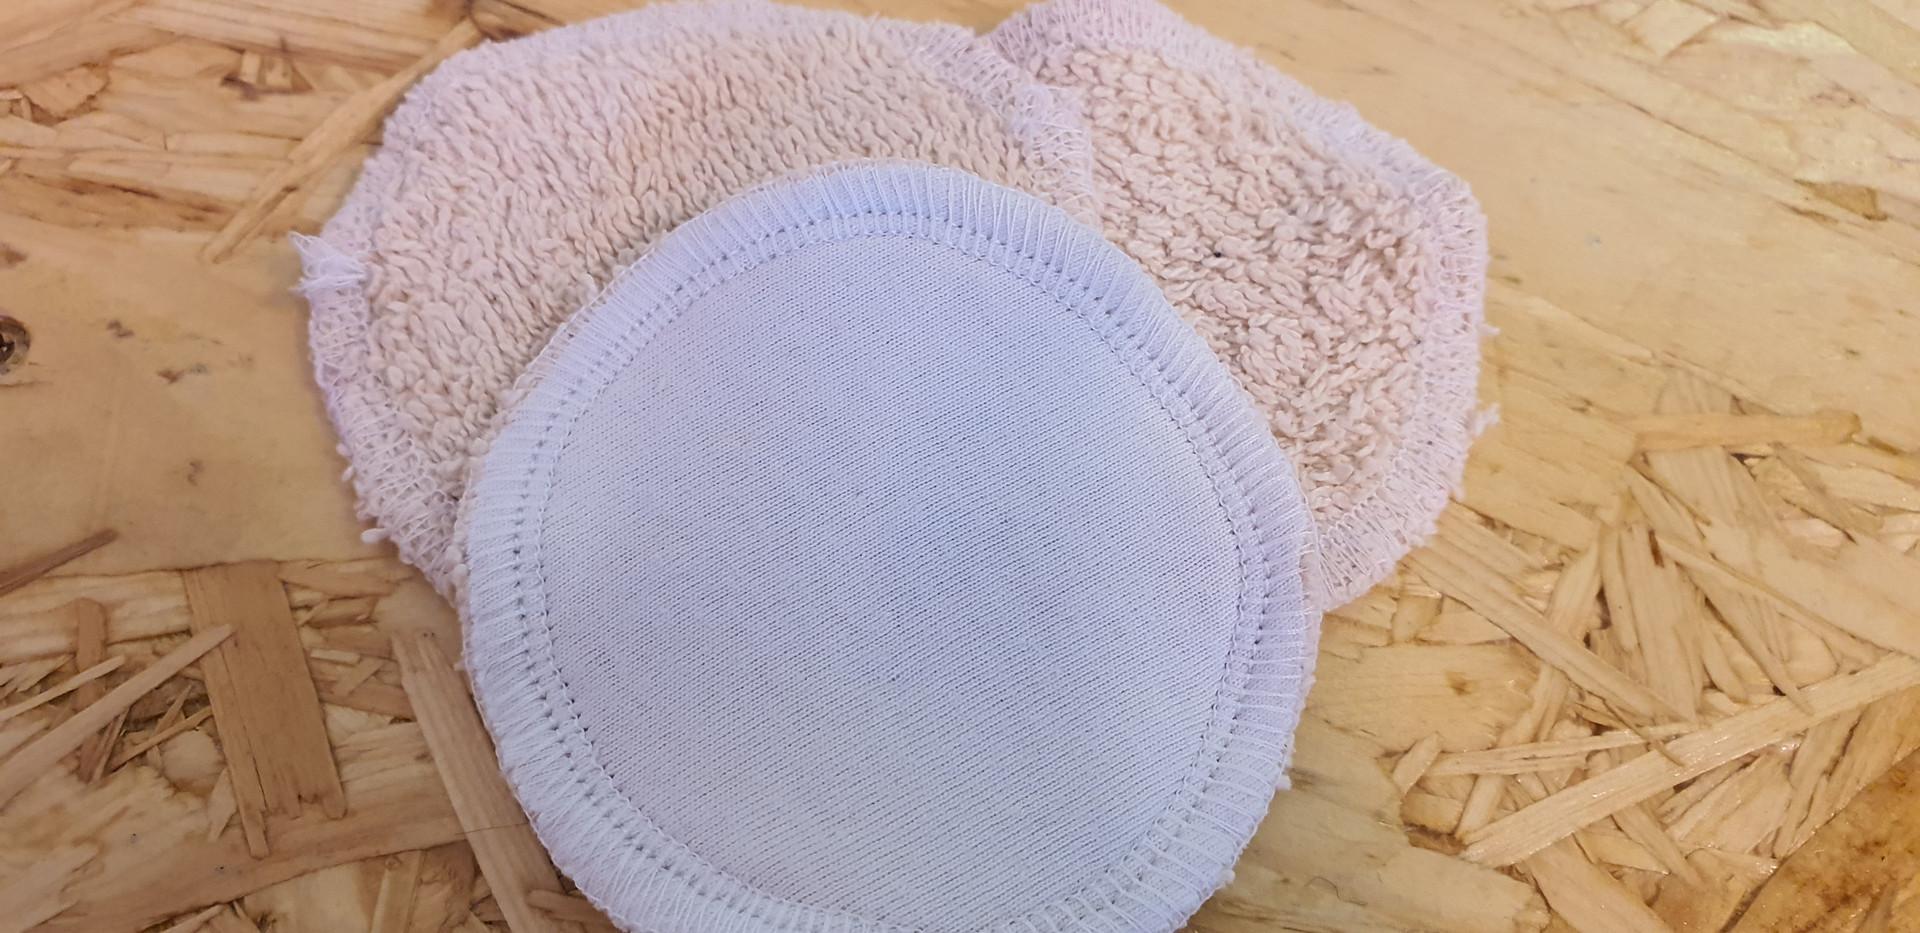 Upcycling_Handtuch + Shirt = Pad4.jpg